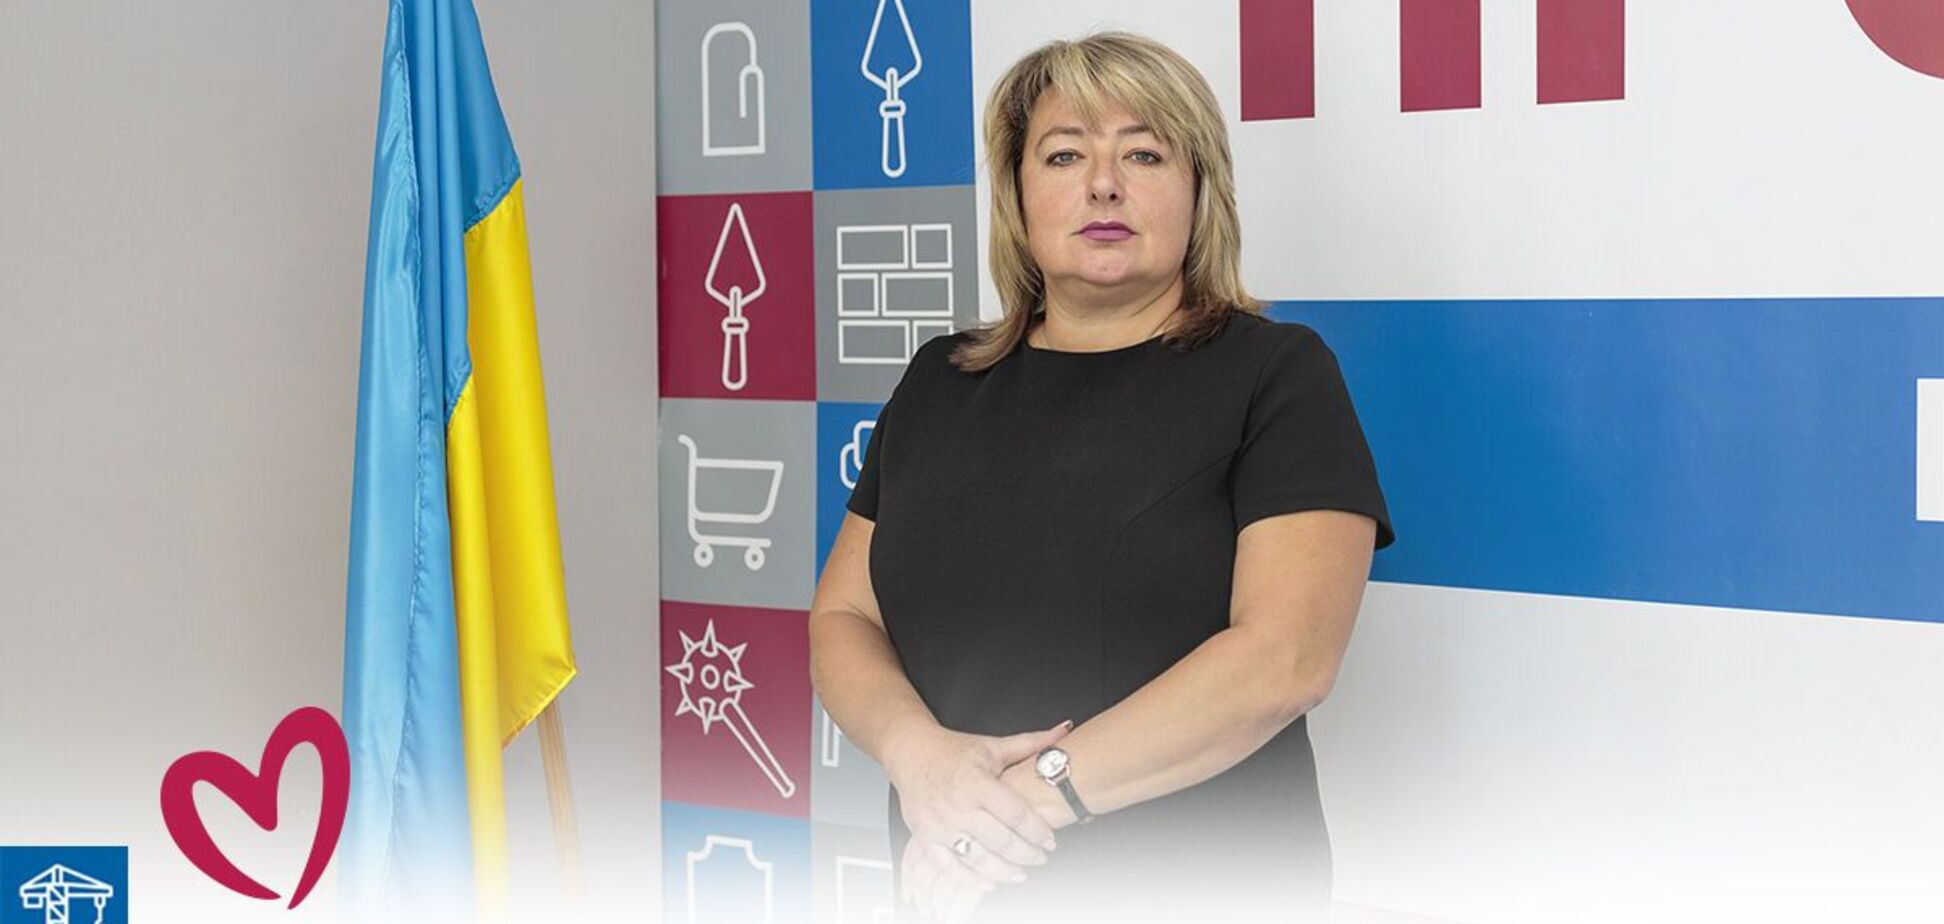 Татьяна Максютенко: 'Пропозиція' – это та сила, что нужна Каменскому как воздух'